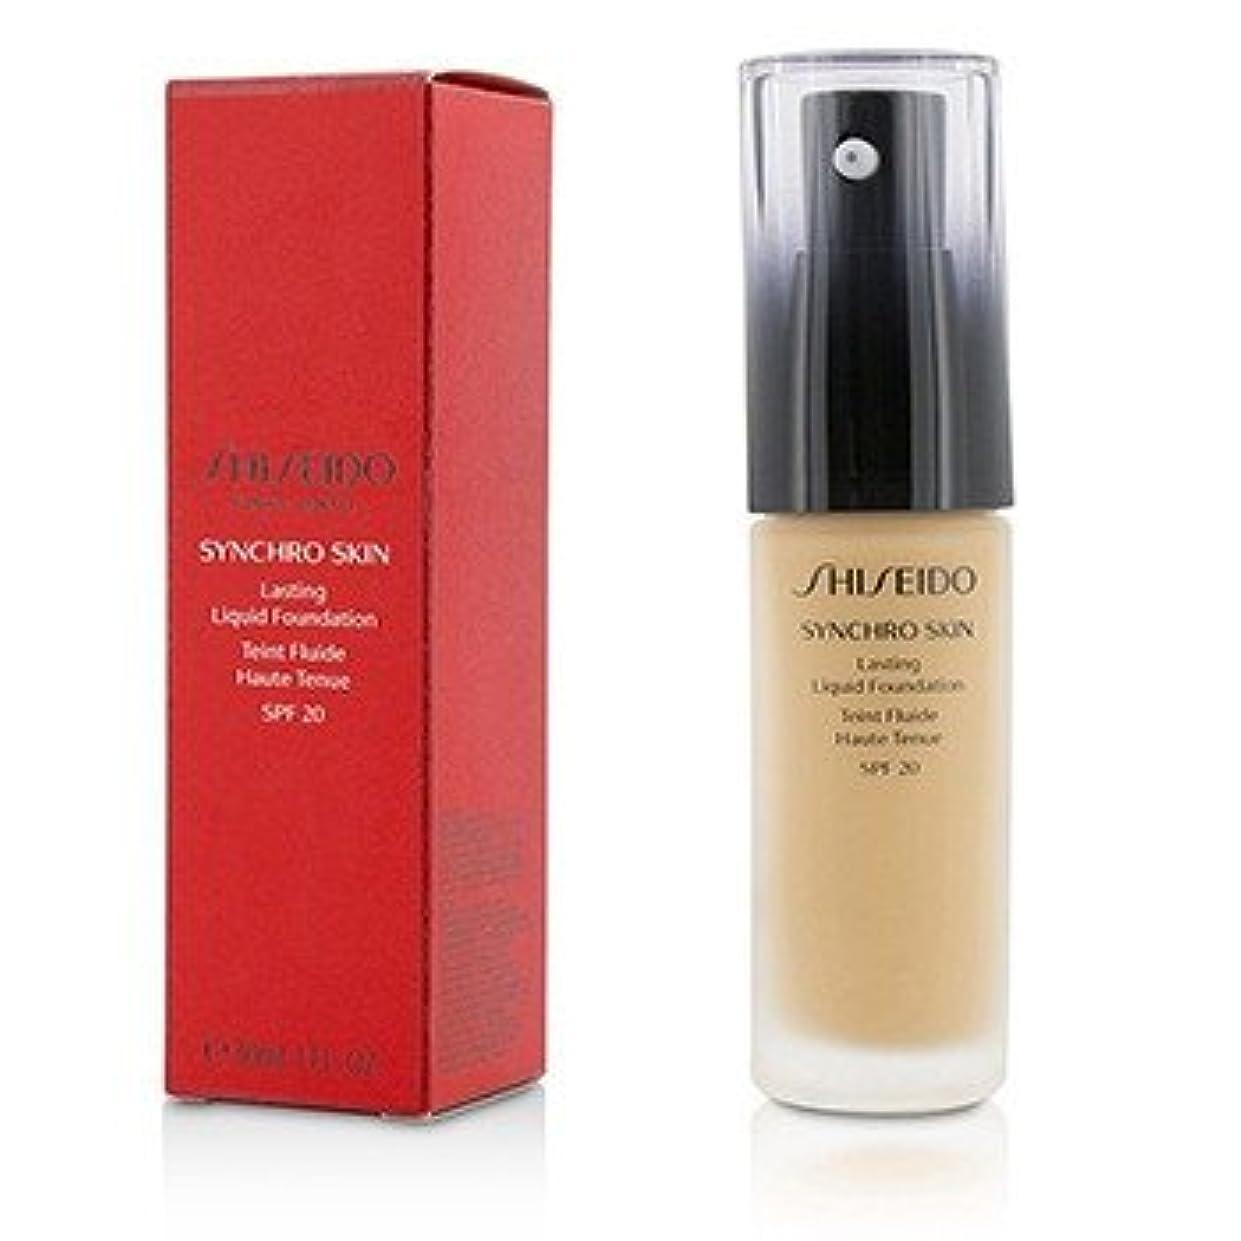 フレームワーク熱望する剃る[Shiseido] Synchro Skin Lasting Liquid Foundation SPF 20 - Rose 4 30ml/1oz